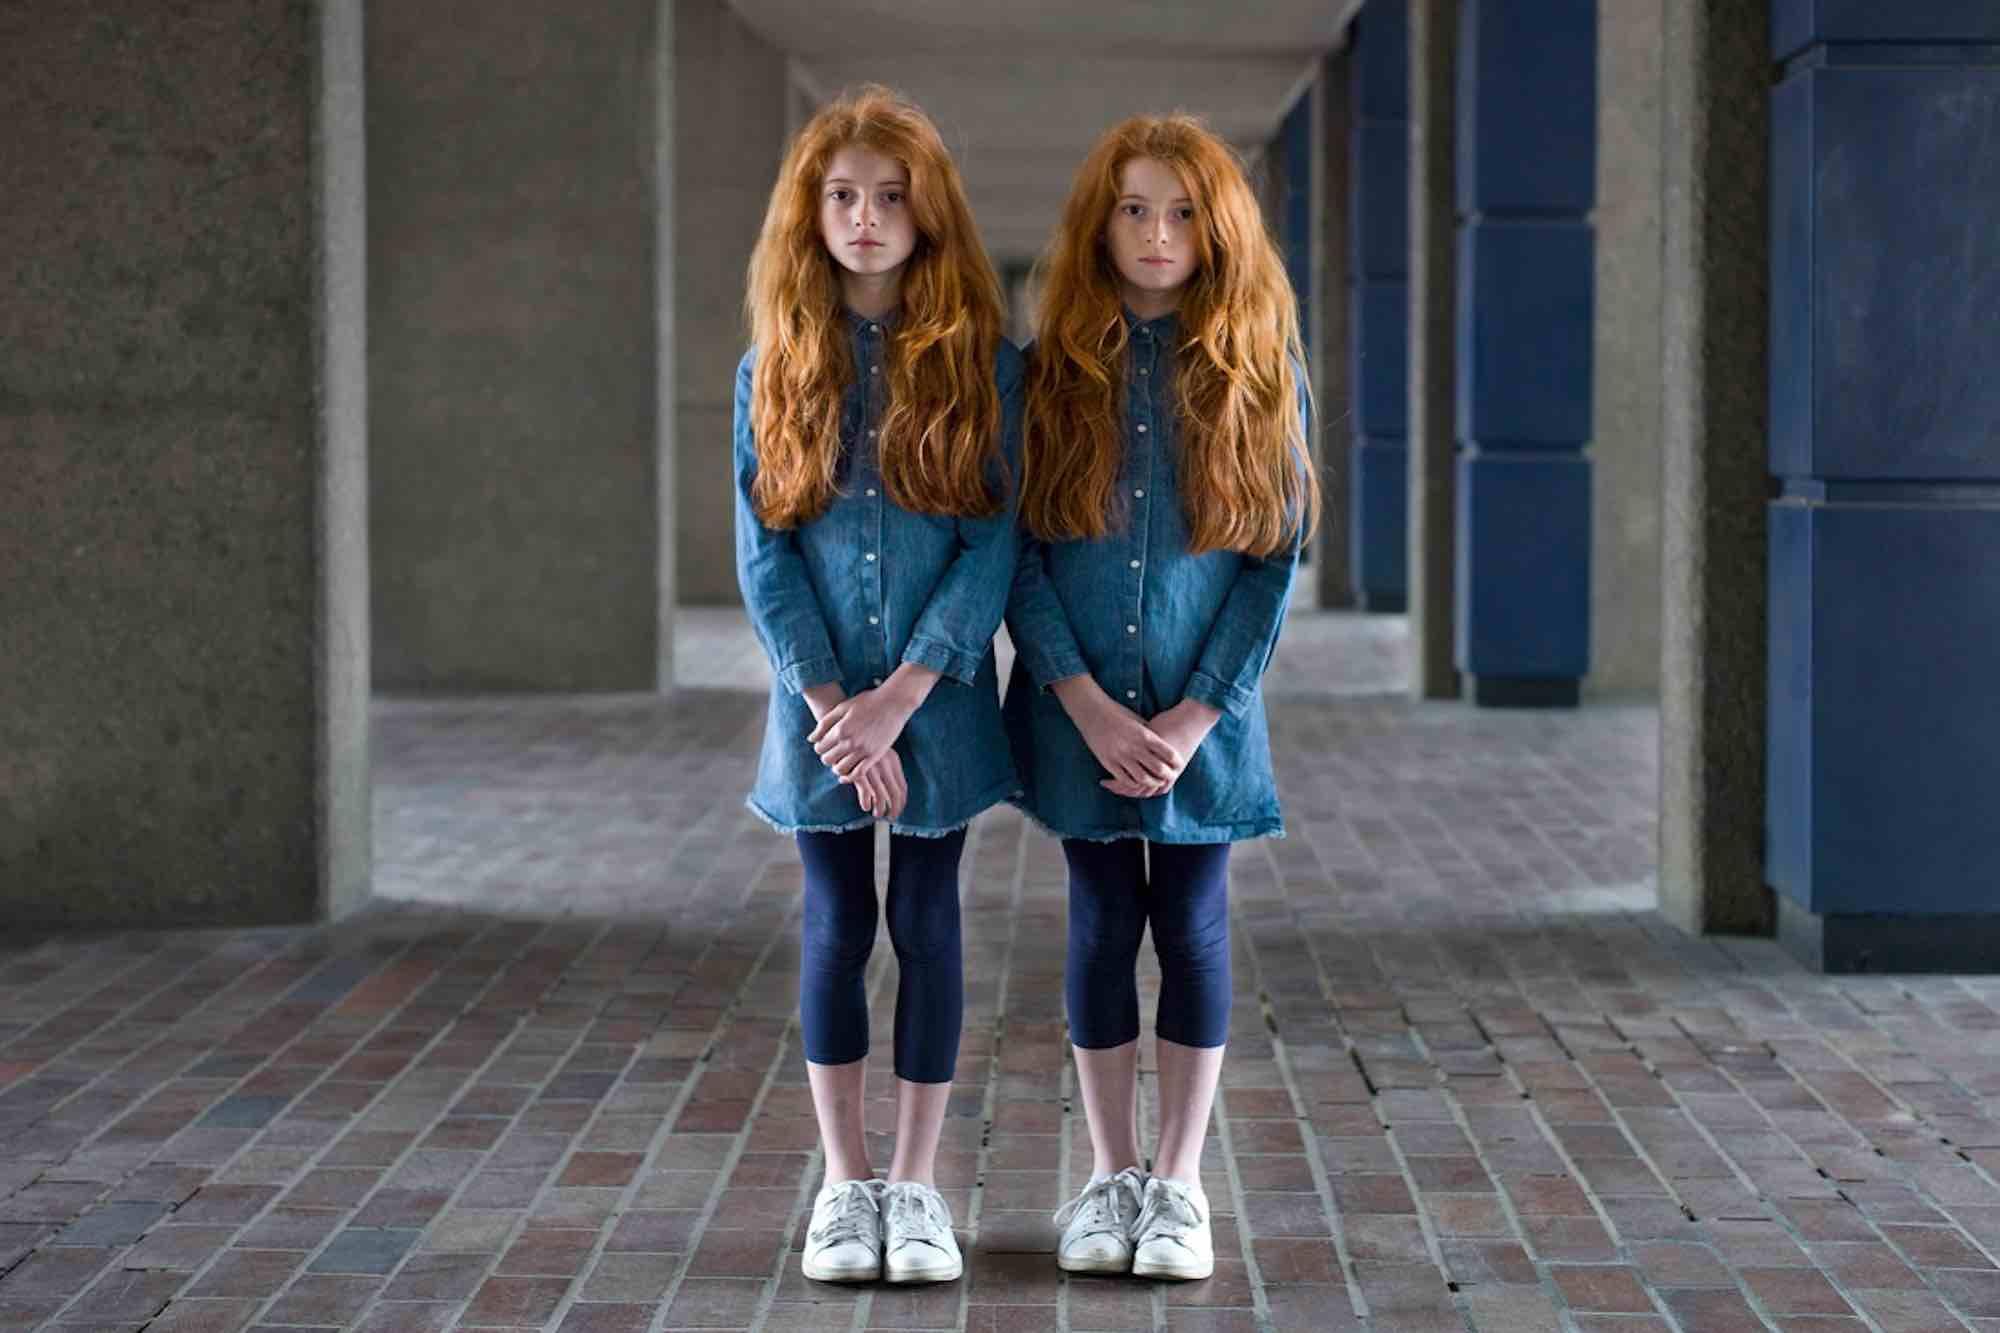 """Tener estilo único es un reto para cualquiera. Aunque creamos que la gente con estilo propio """"va a su bola"""", a menudo, vestir a tu manera implica estar al día de las últimas tendencias en moda, encontrar un look único y lucirlo con estilo propio. ¡Imagínate querer ser única teniendo una hermana gemela!"""